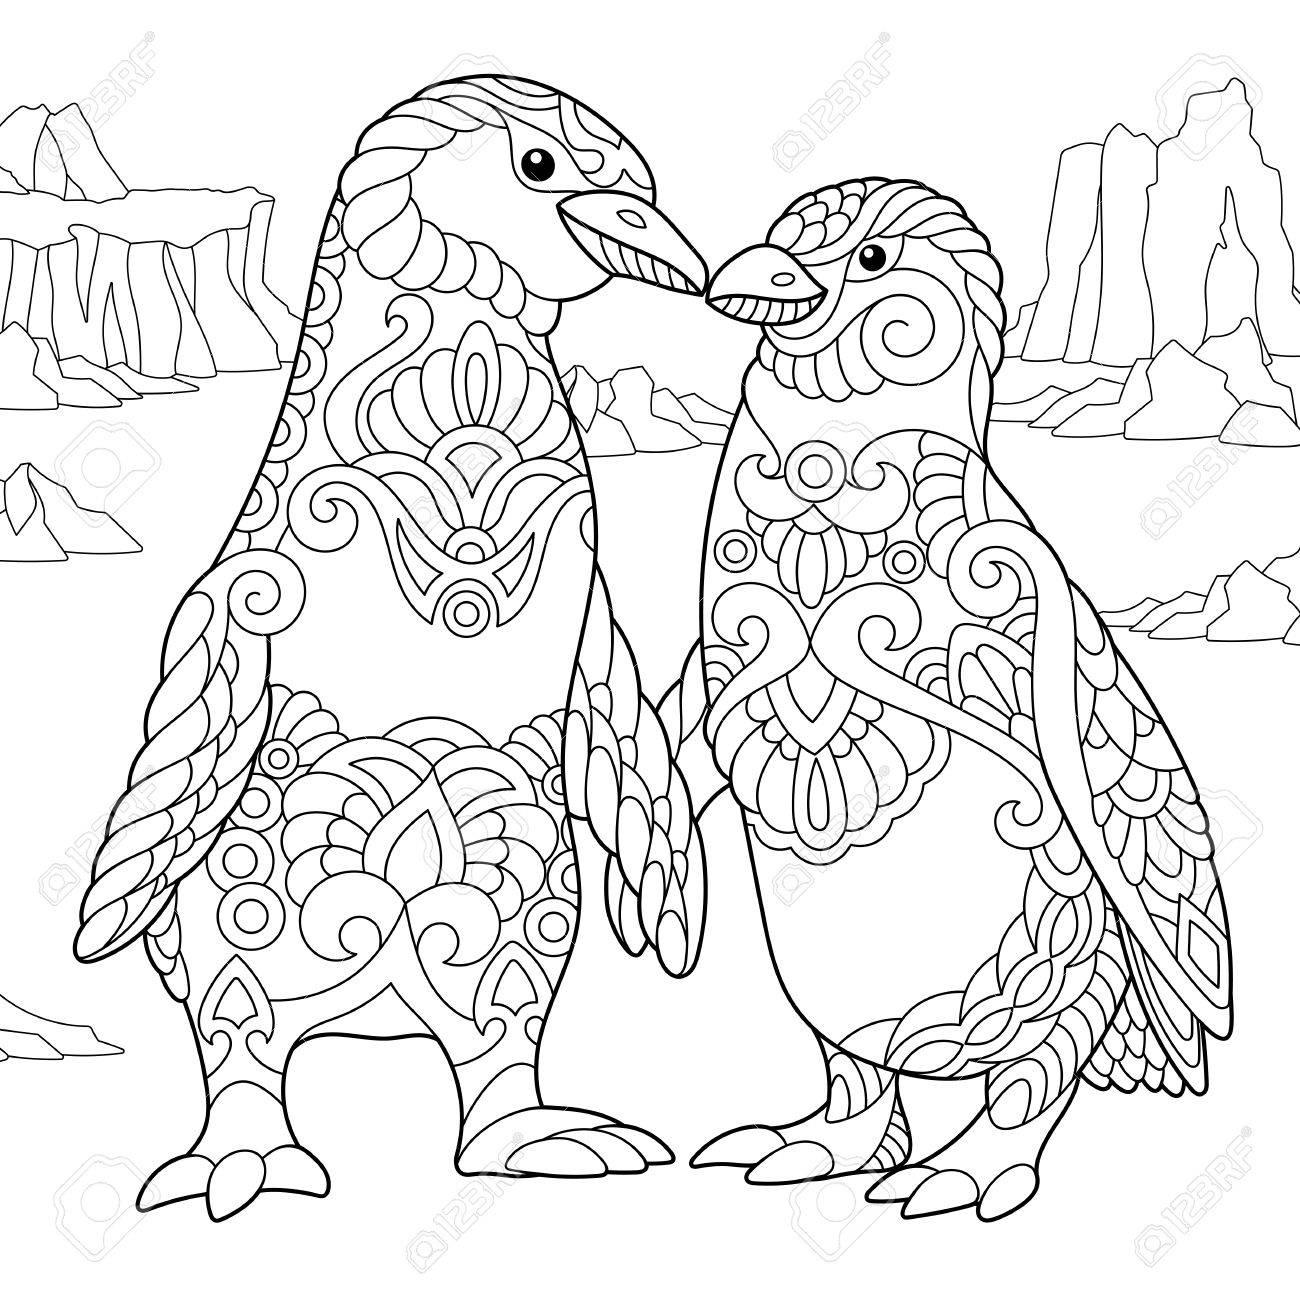 Kleurplaat Van Keizerspinguins Verliefde Paar Schets Uit De Vrije